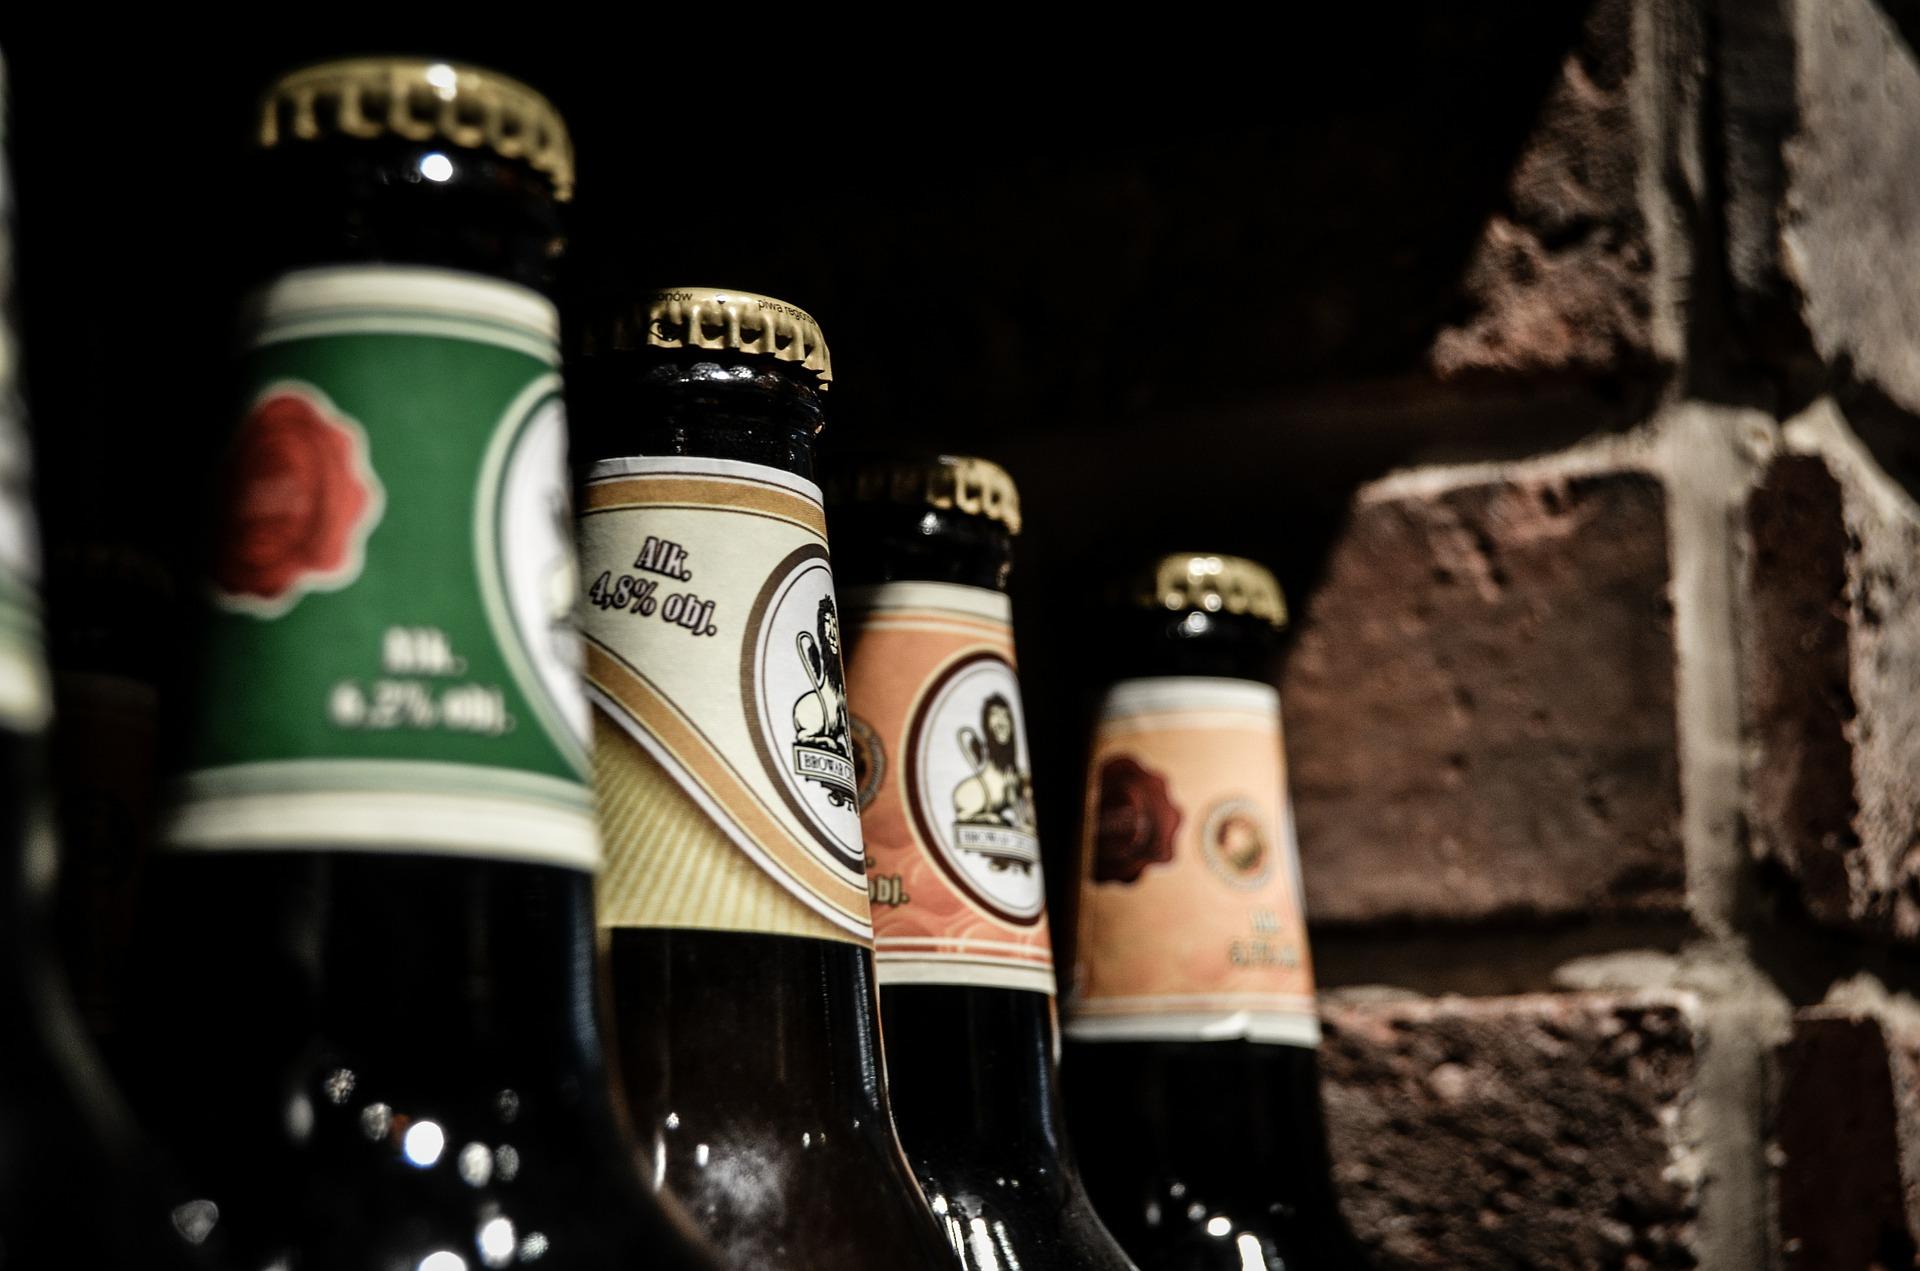 zasady przewożenia alkoholu w Europie